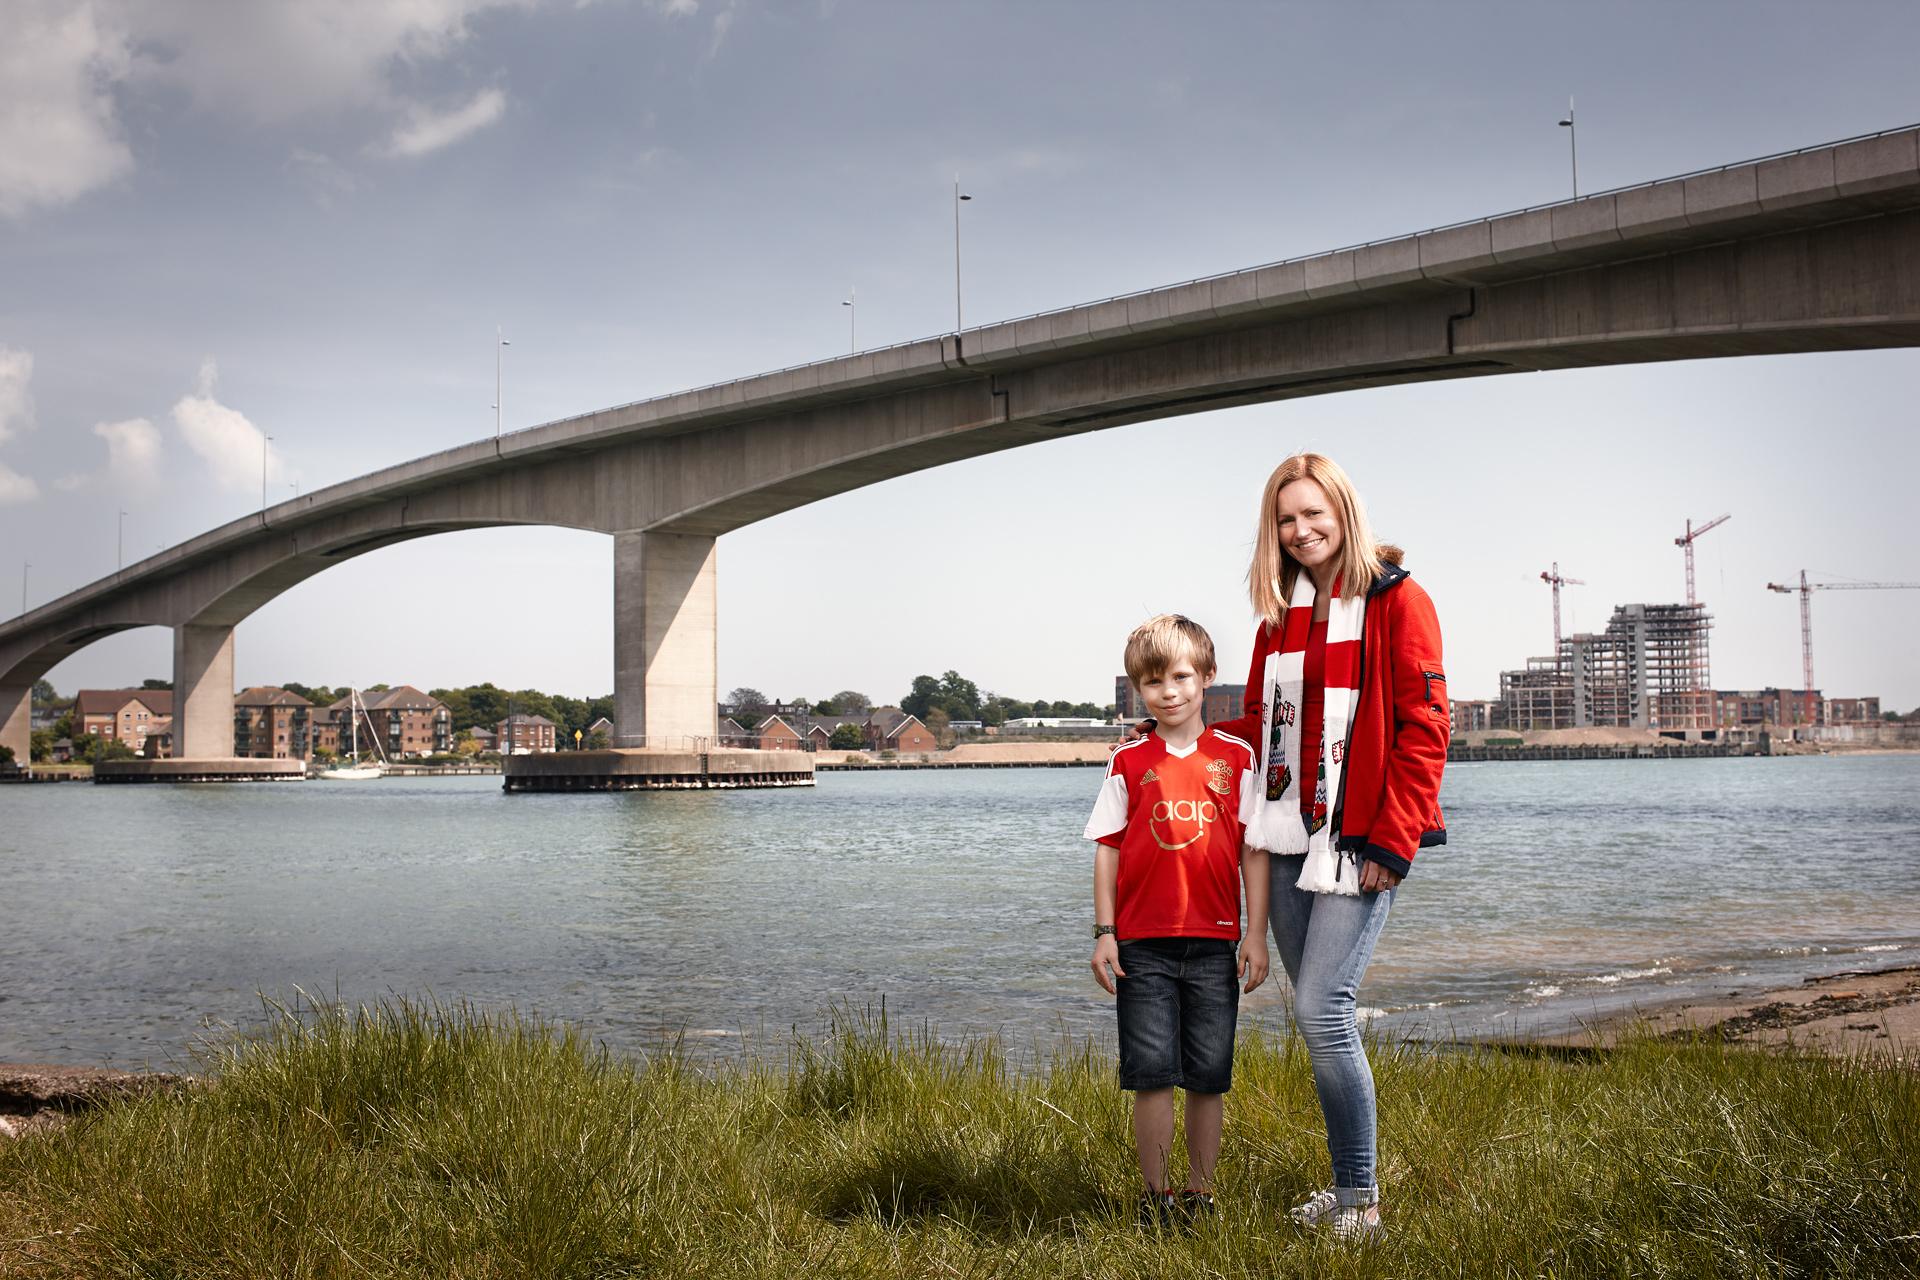 Southampton_Bridge